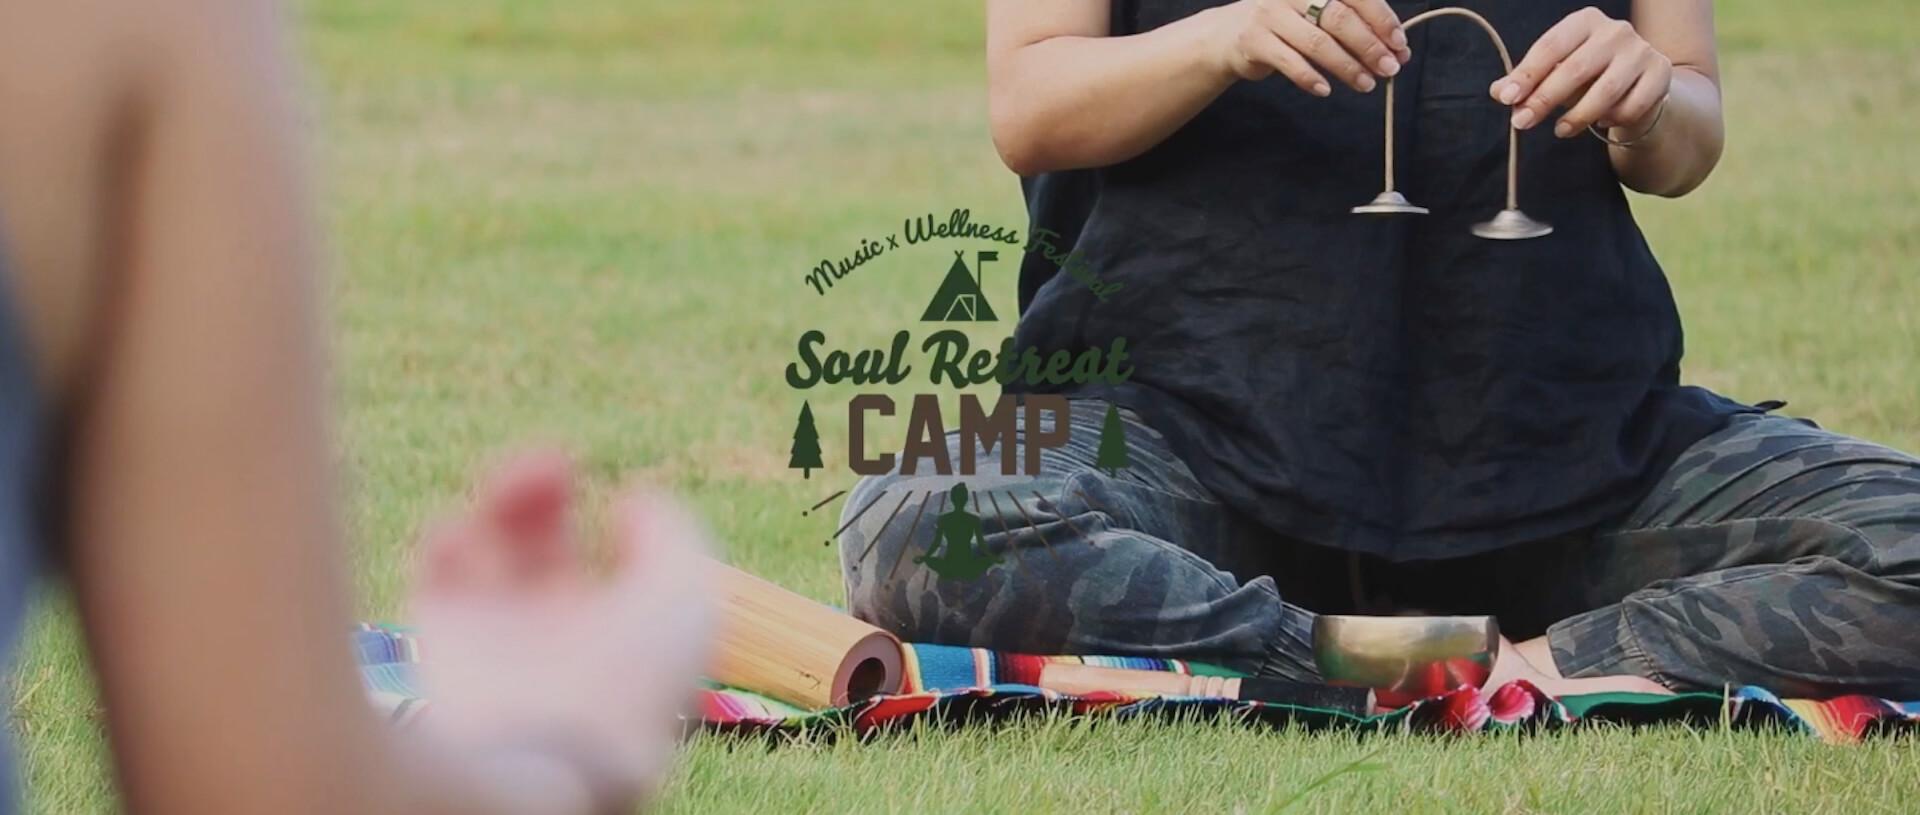 音楽と瞑想、ヨガ、サウナで心を癒し整えるキャンプフェス<SOUL RETREAT CAMP 2021>が開催決定! culture20121_soulretreatcamp_15